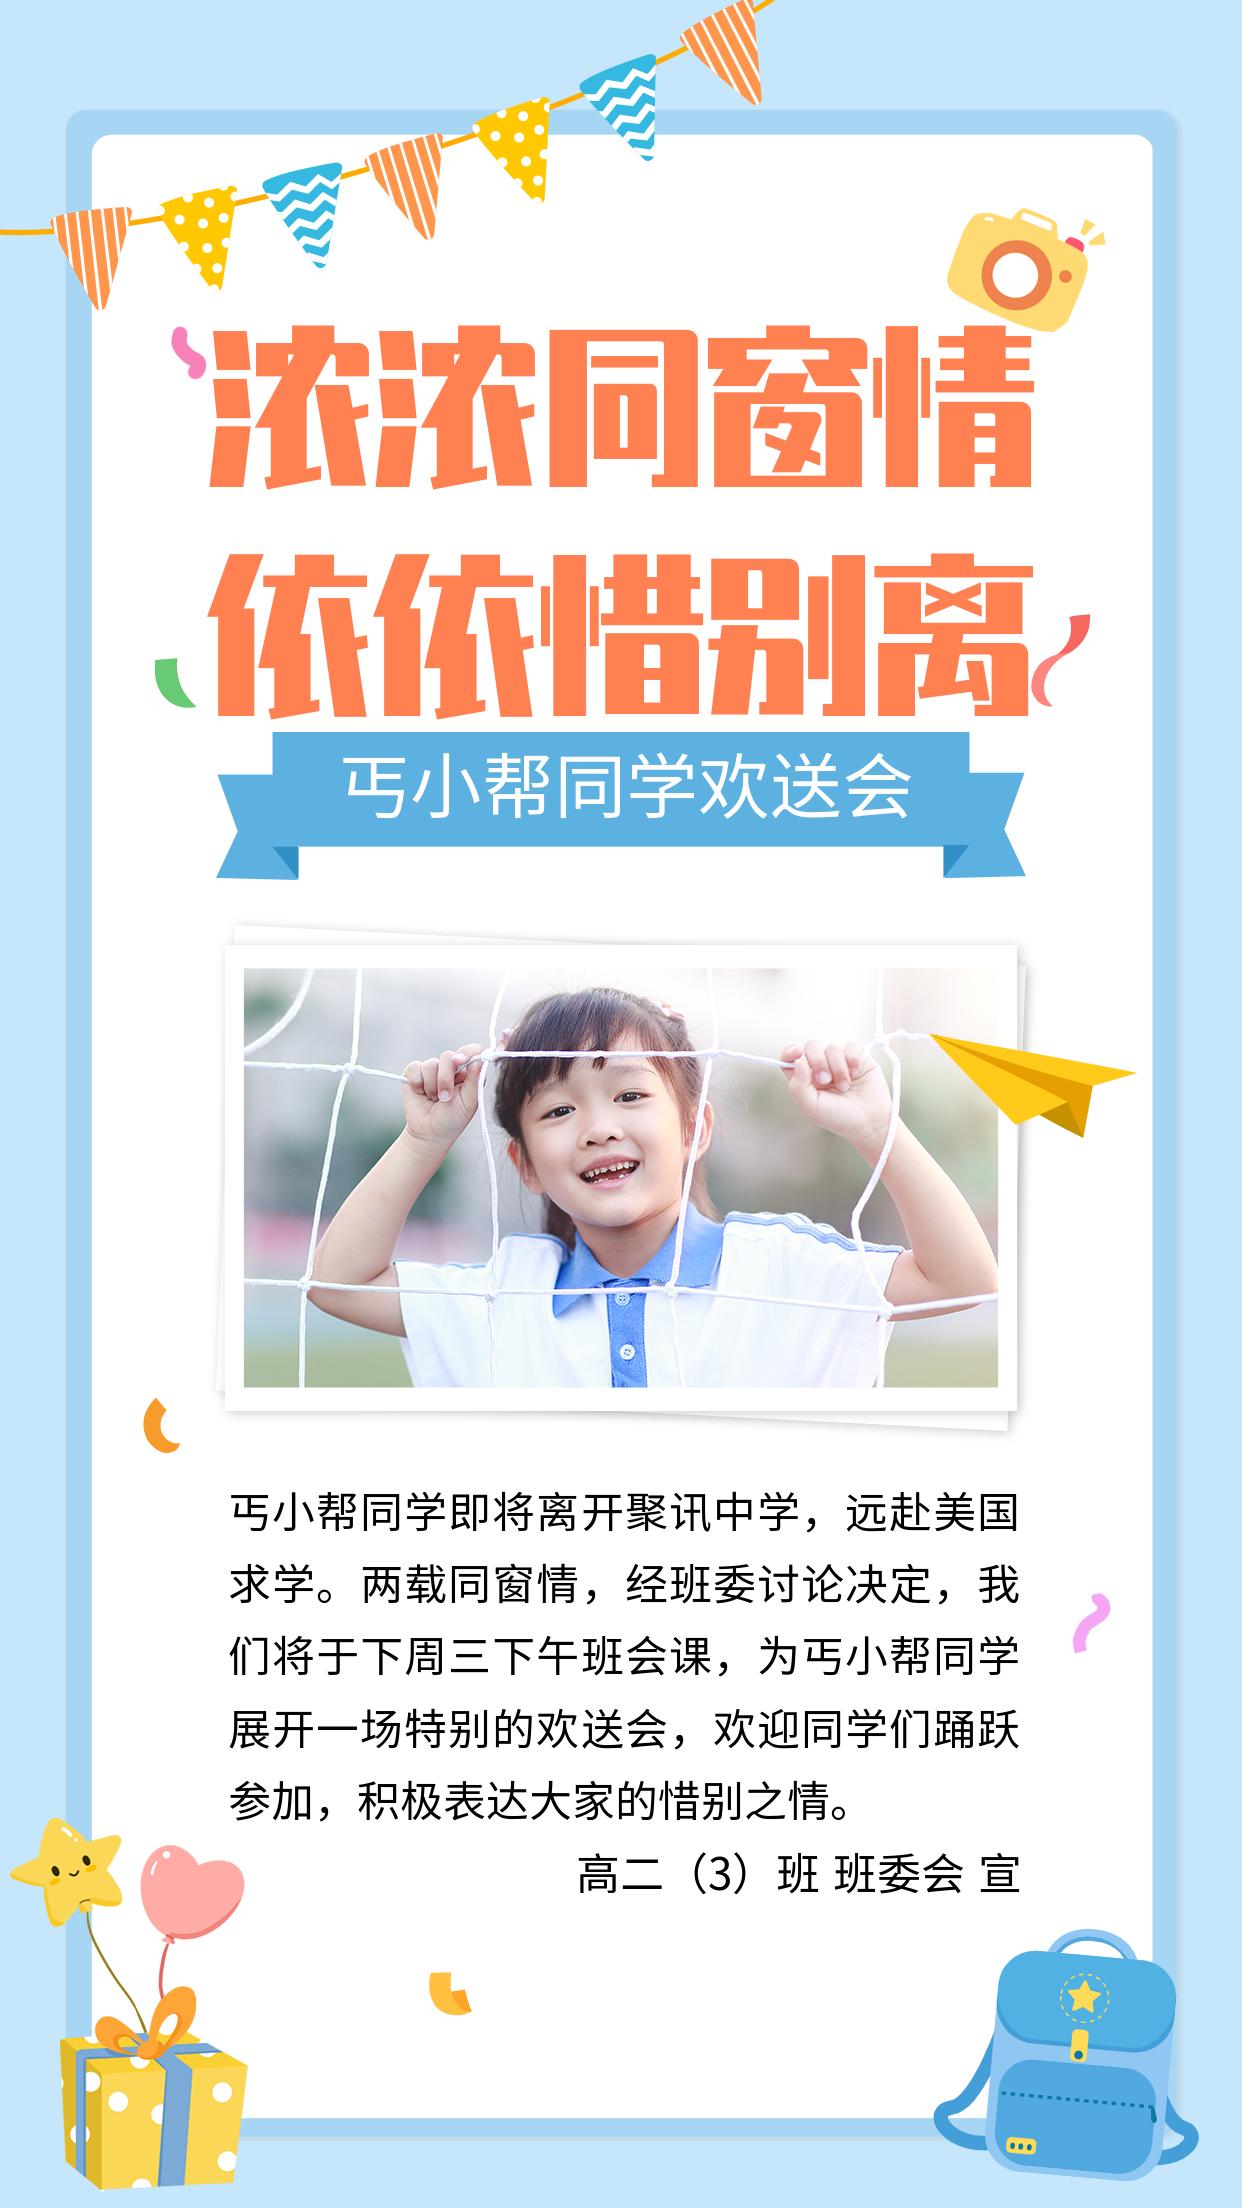 同学欢送会活动邀请函手机海报